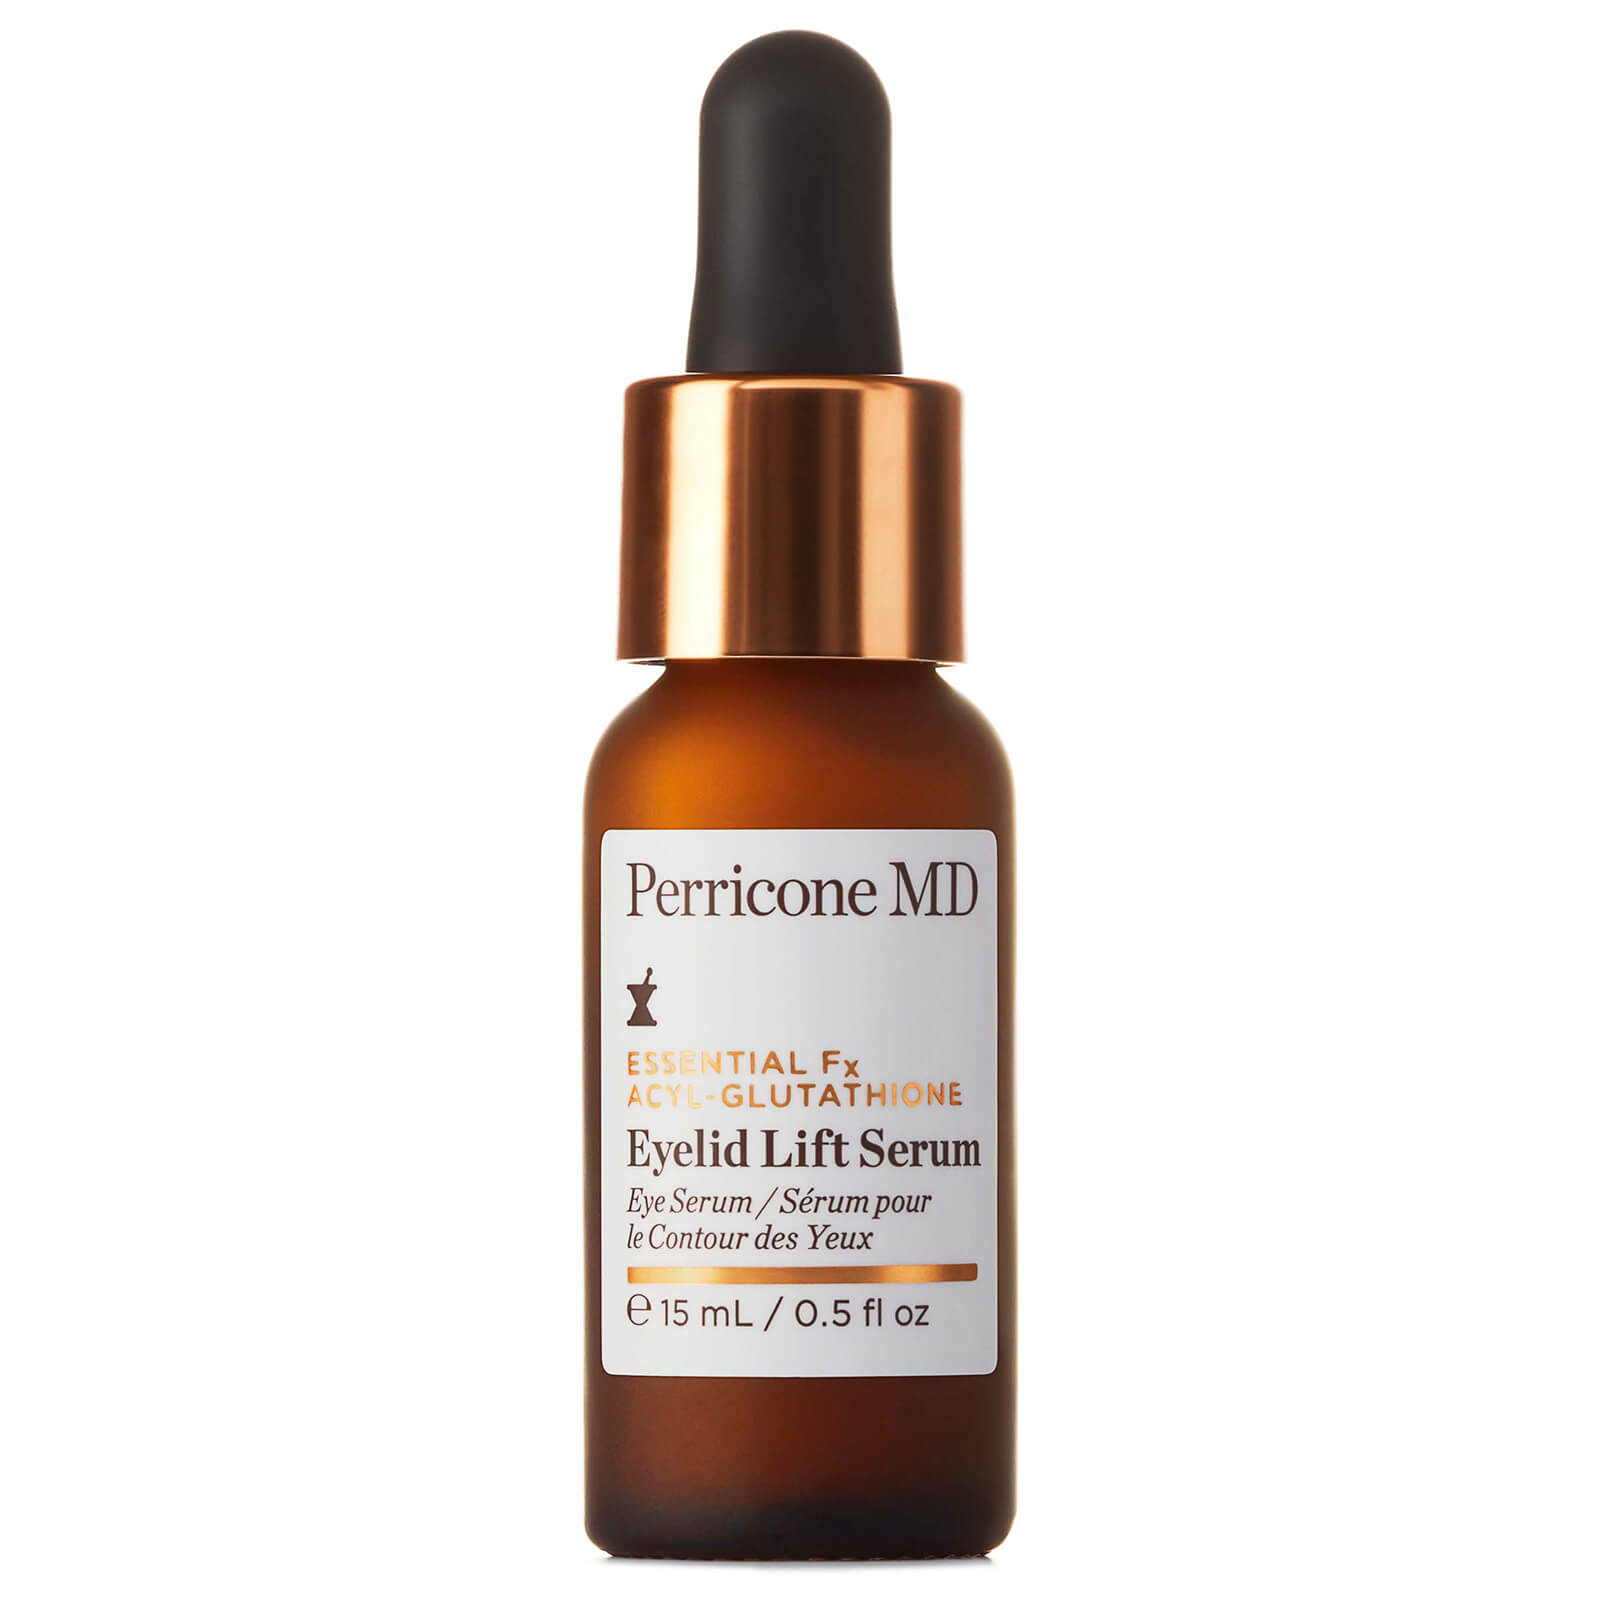 Perricone MD Essential Fx Acyl-Glutathione: Eyelid Lift Serum